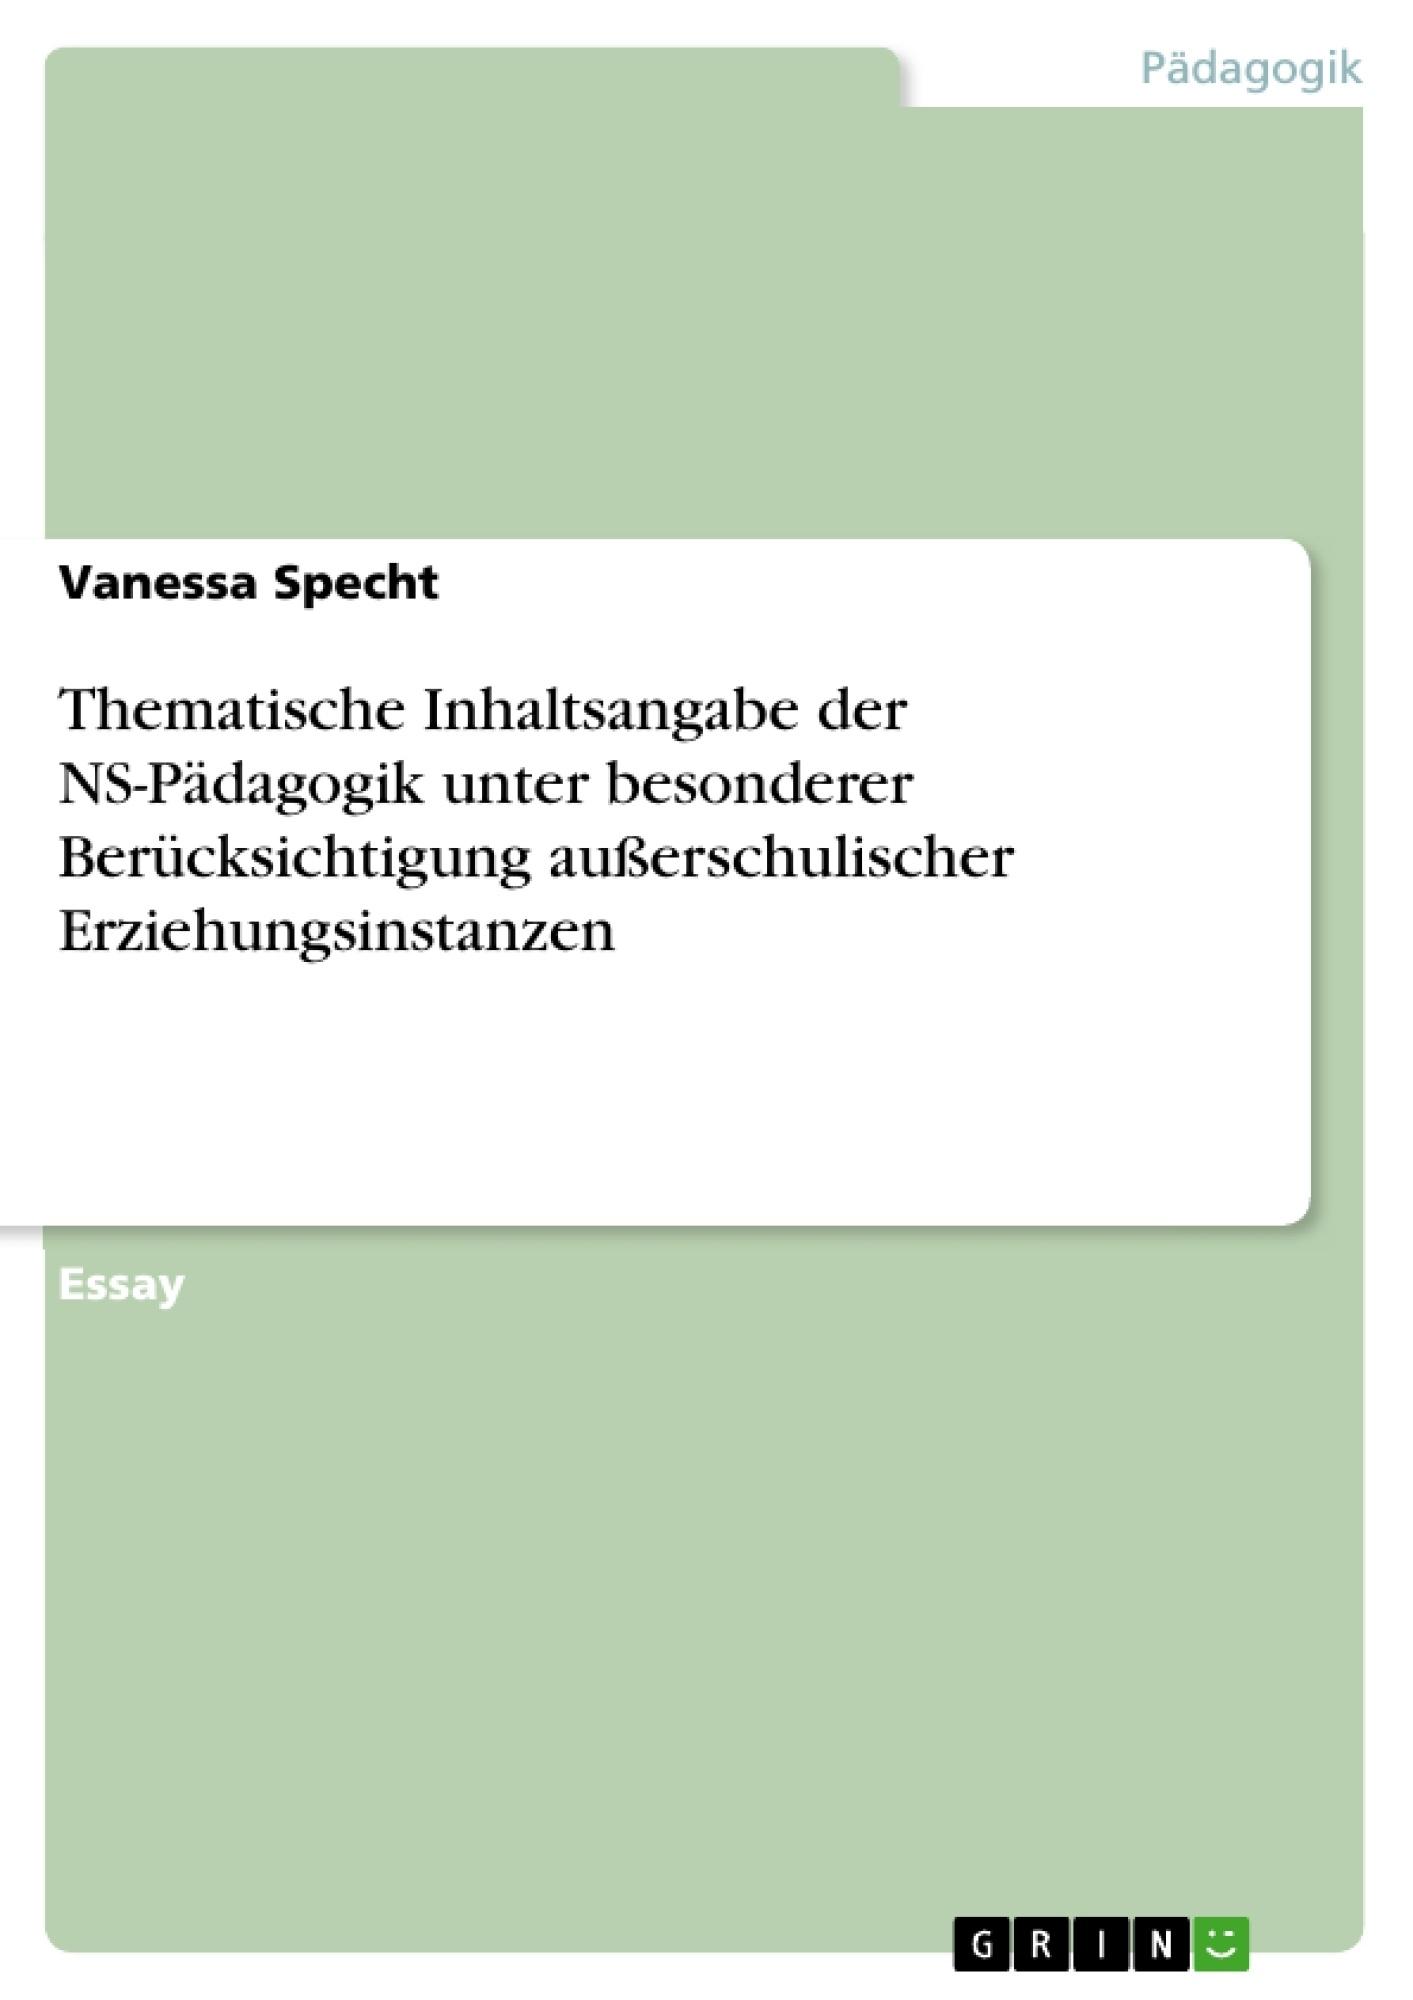 Titel: Thematische Inhaltsangabe der NS-Pädagogik unter besonderer Berücksichtigung außerschulischer Erziehungsinstanzen